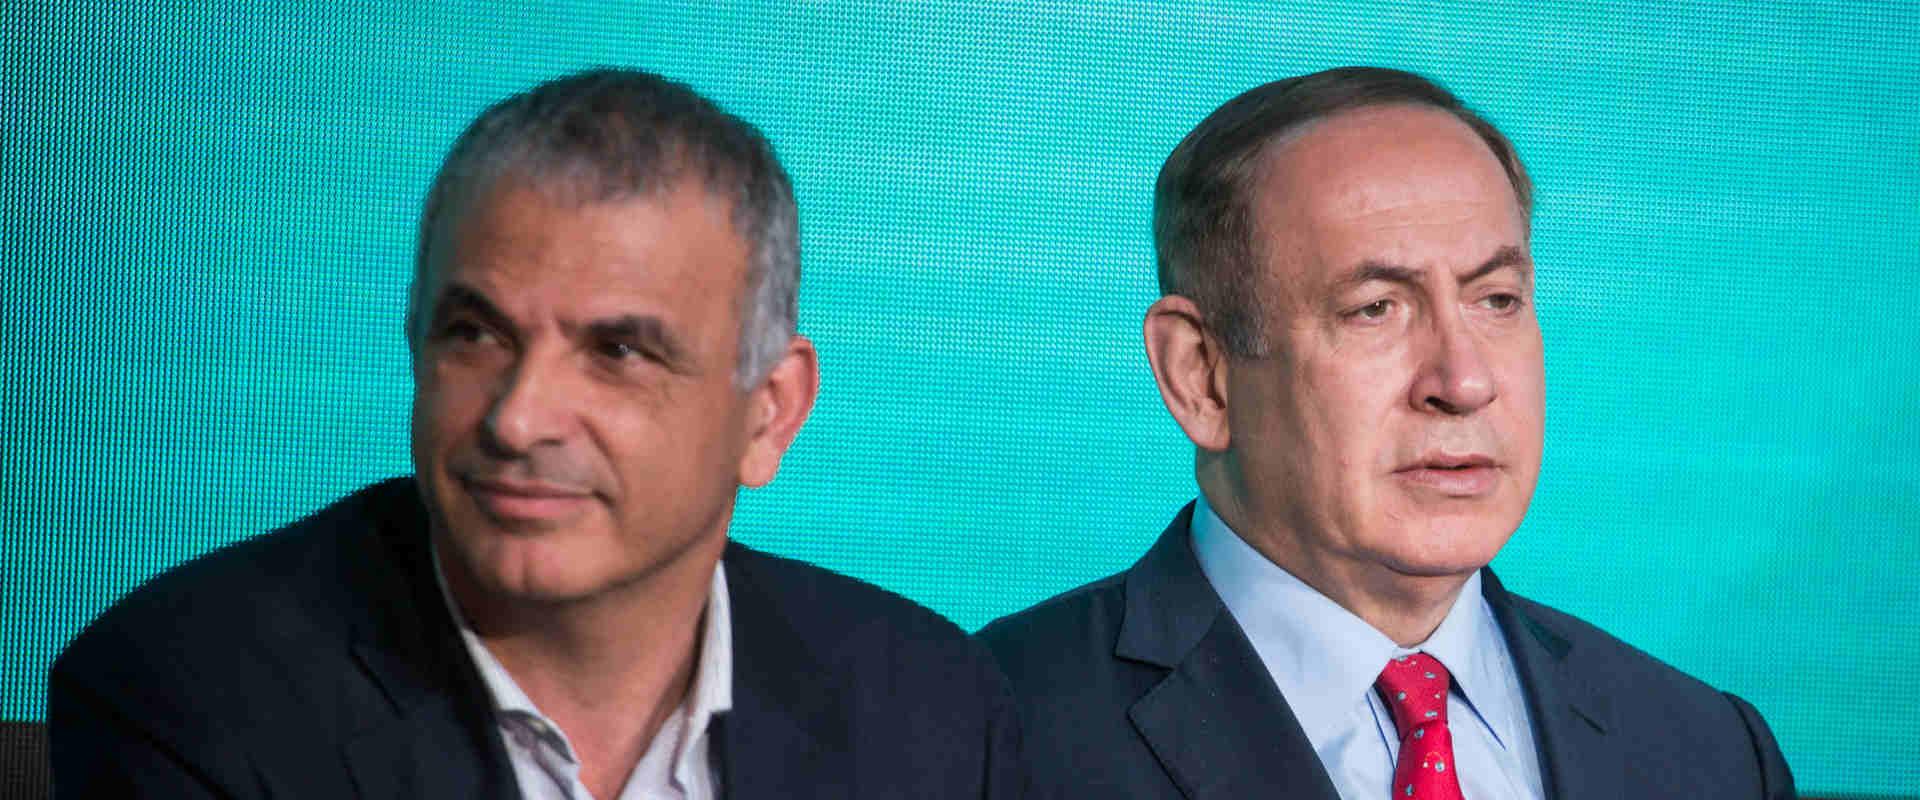 מימין: ראש הממשלה בנימין נתניהו ושר האוצר משה כחלו